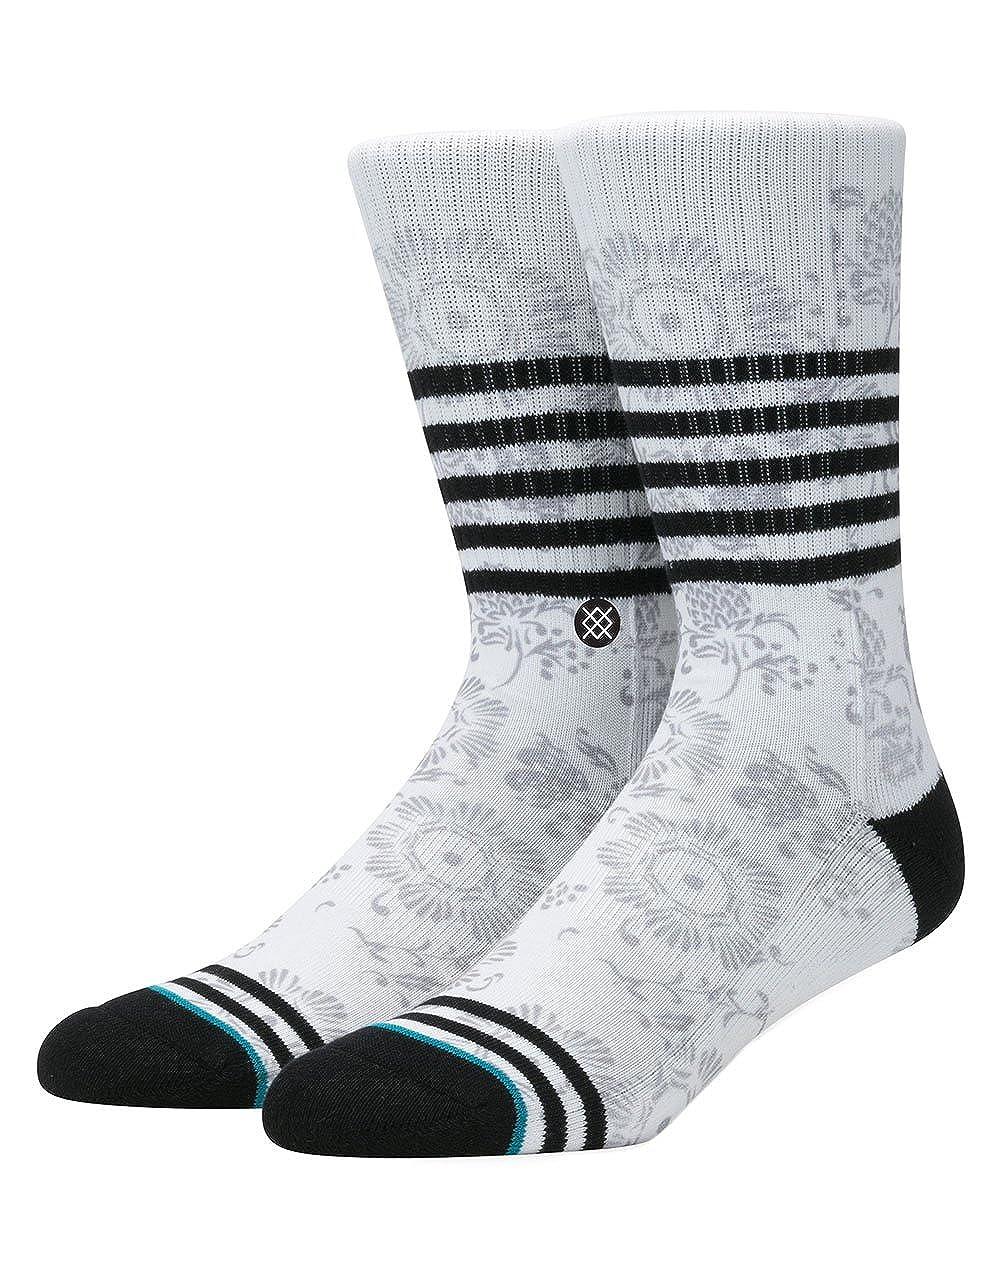 Stance Side Step Briar Socken